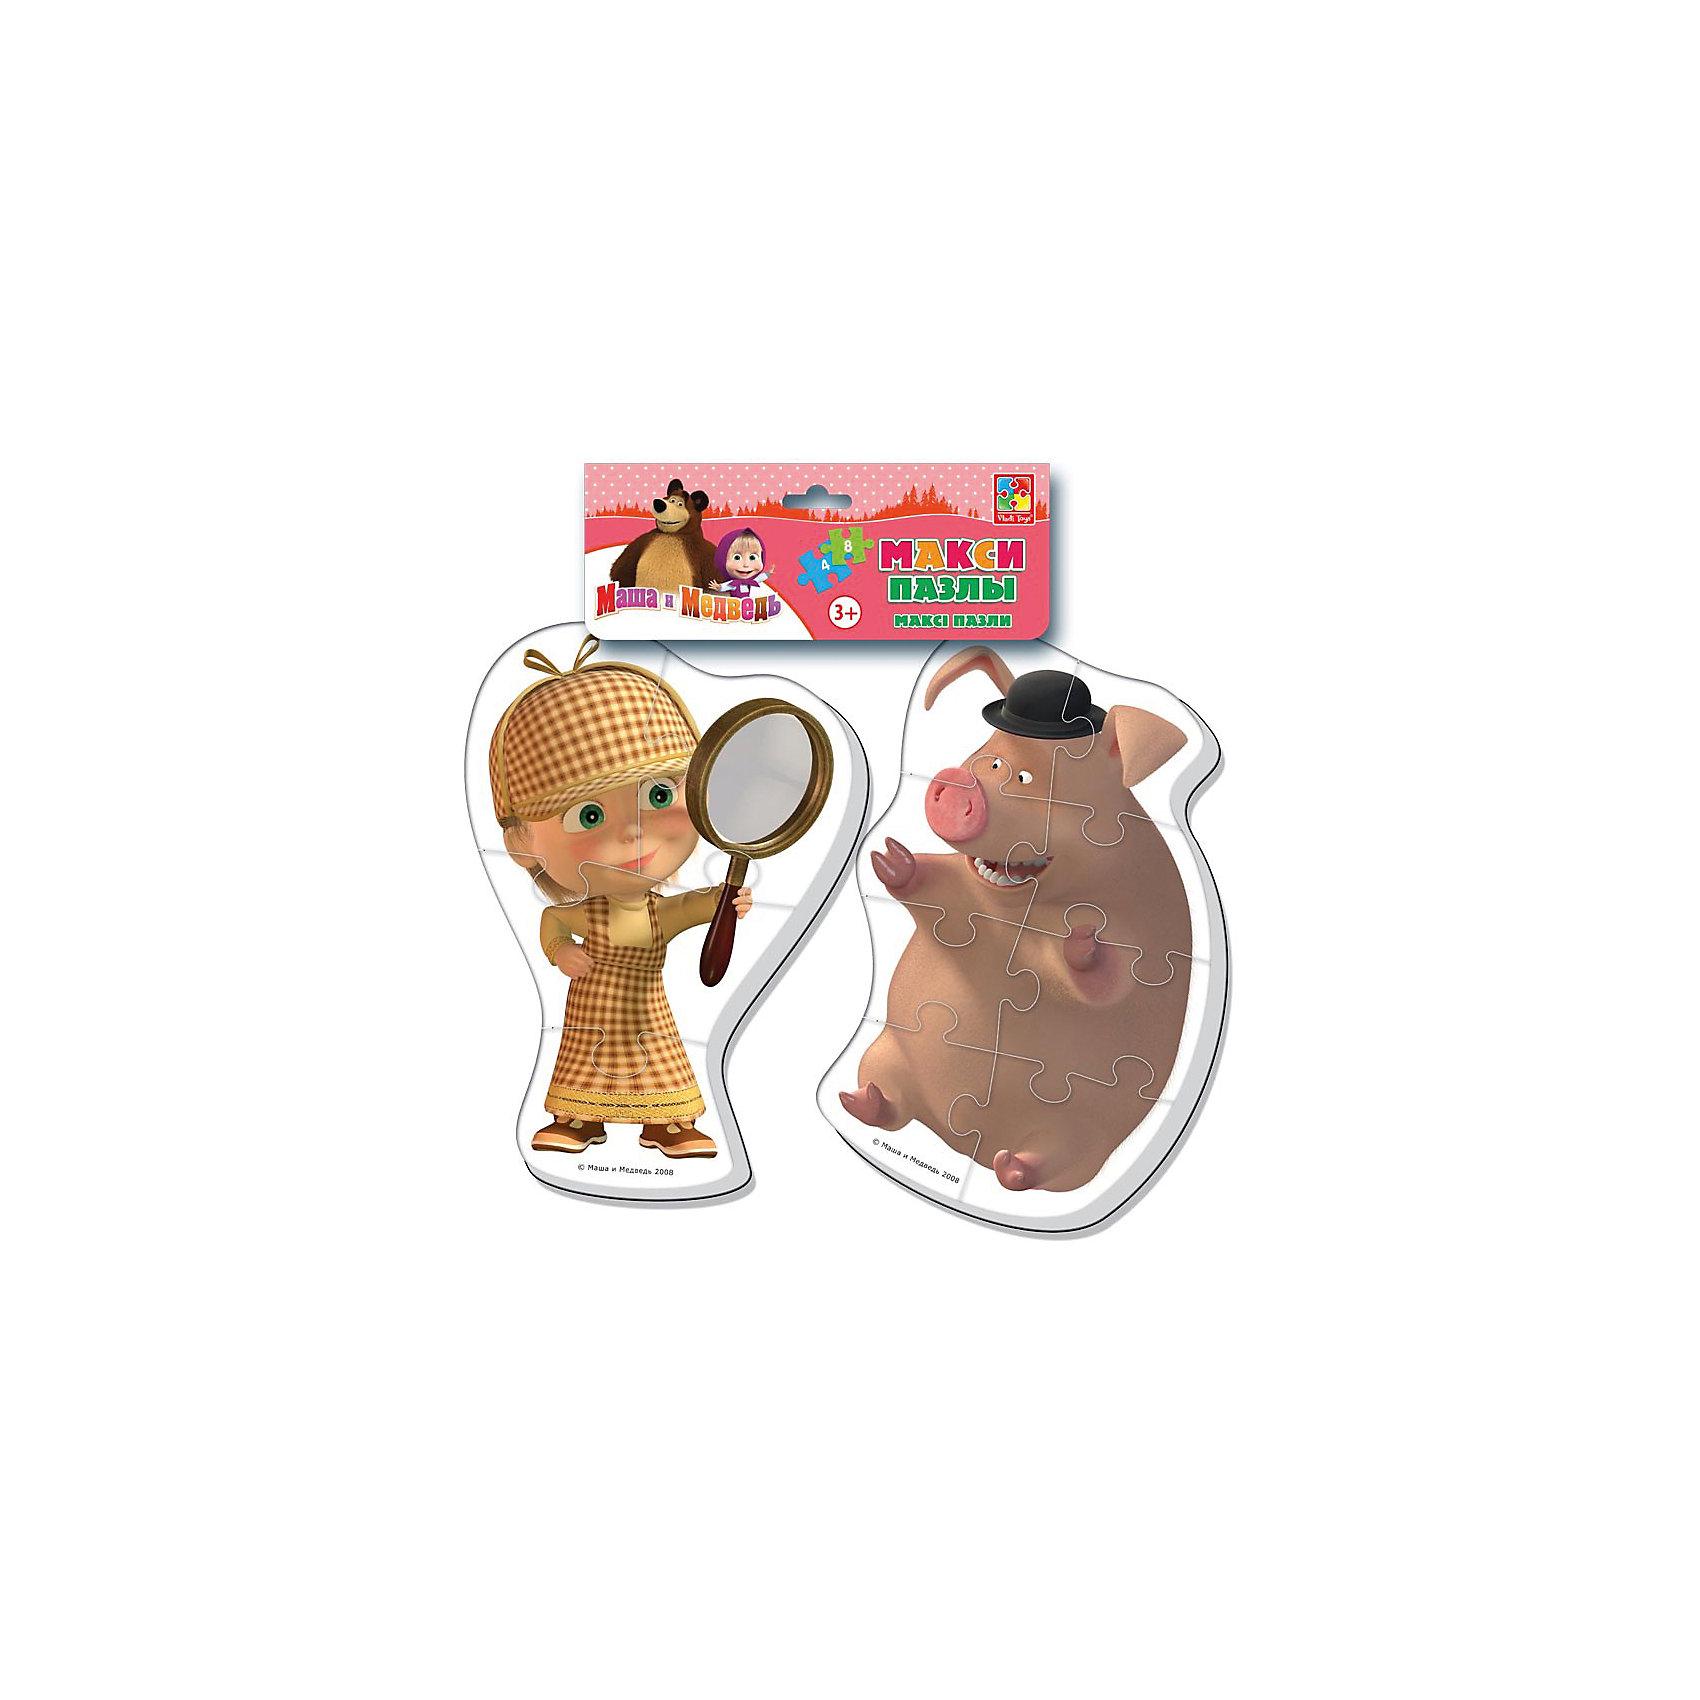 Vladi Toys Мягкие макси-пазлы Маша и Медведь, Vladi Toys пазлы русский стиль макси пазлы африканские животные